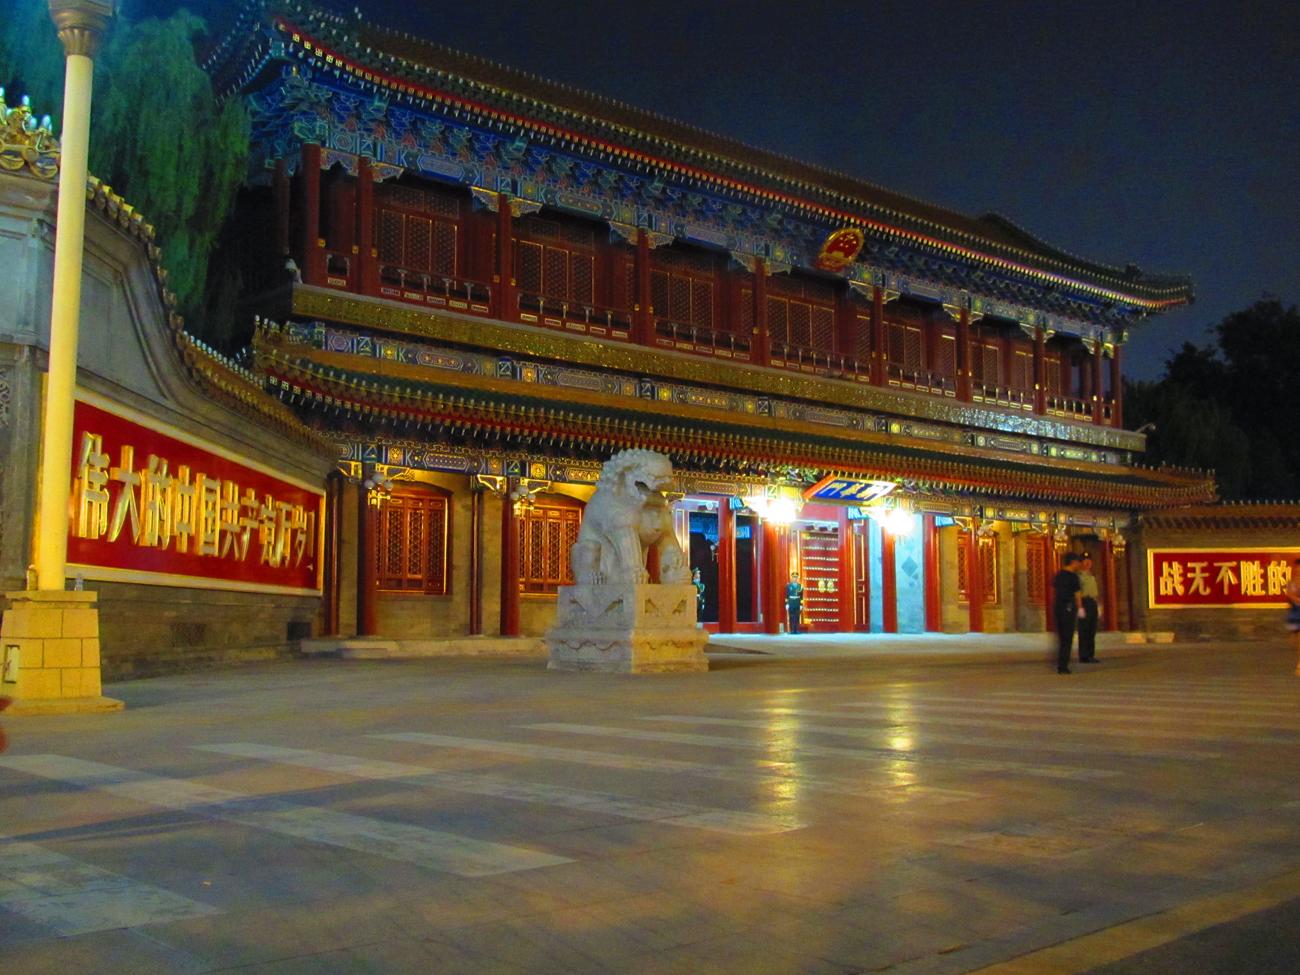 Portti Zhongnanhain muurien ympäröimään kompleksiin, jossa Kiinan kommunistisen puolueen korkein johto pitää majaansa (Kuva: Matti Puranen)